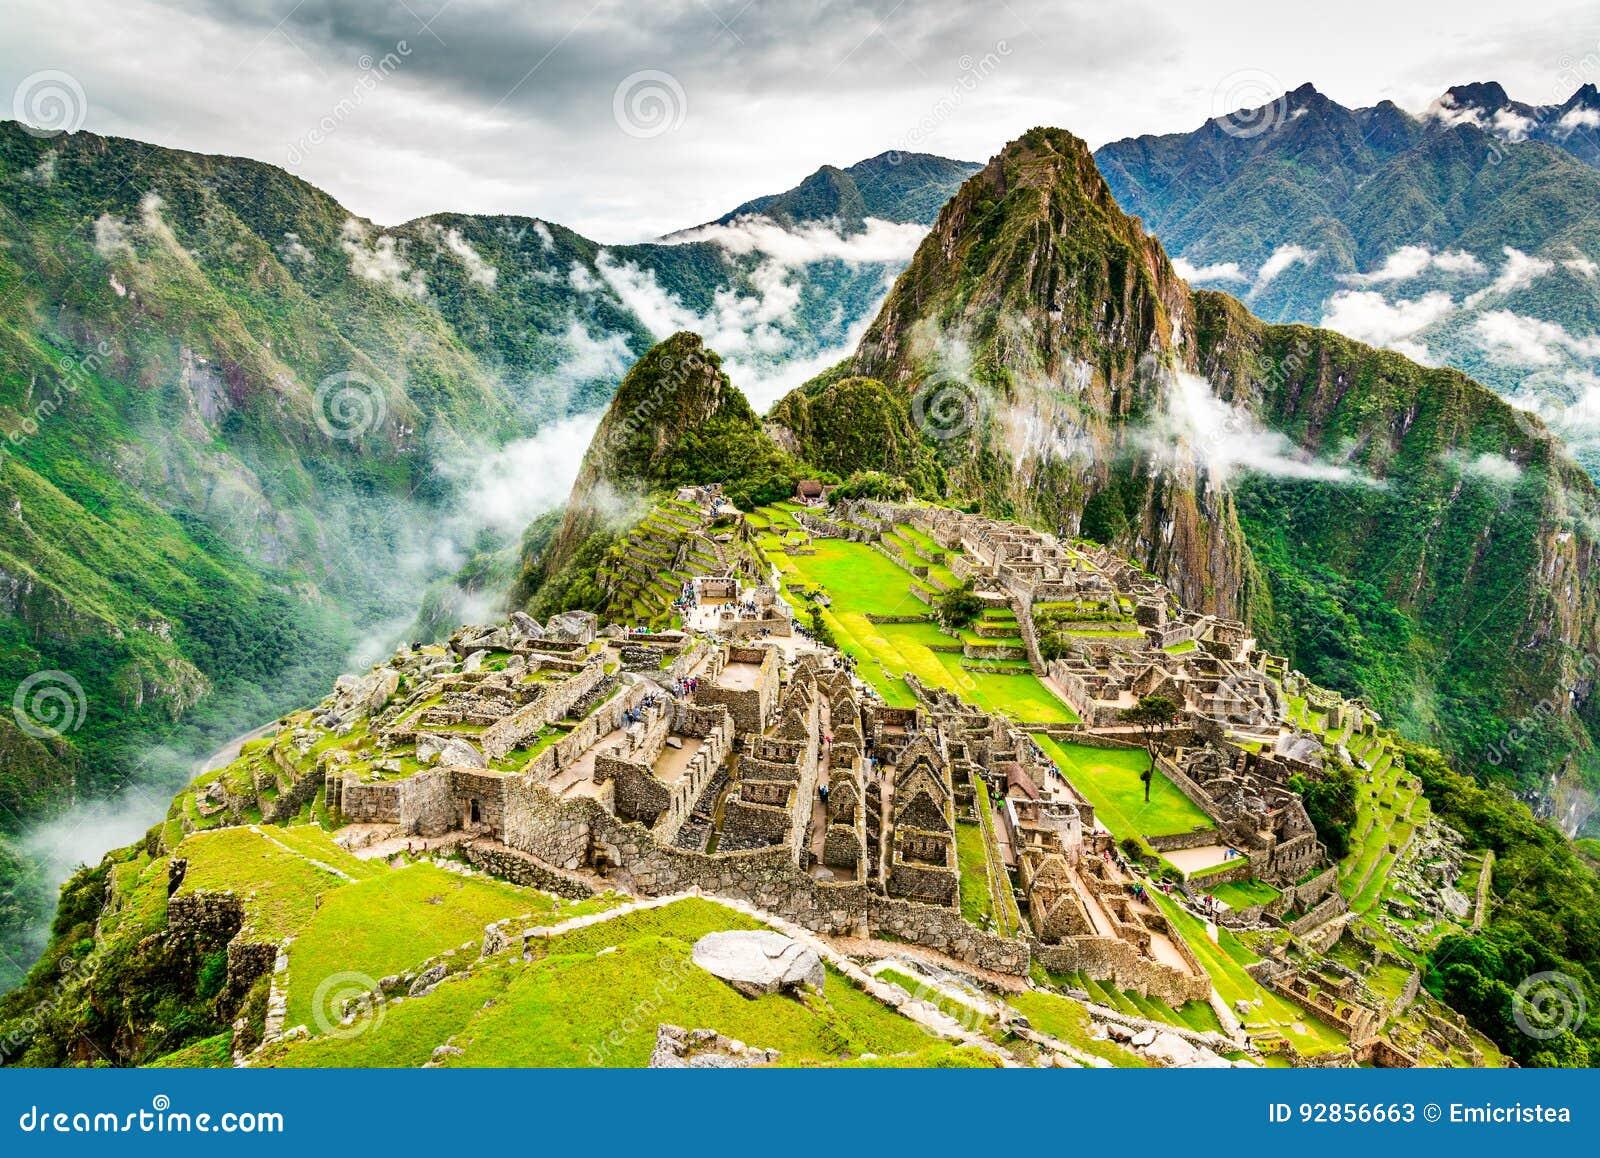 Machu Picchu, Cusco - Perù